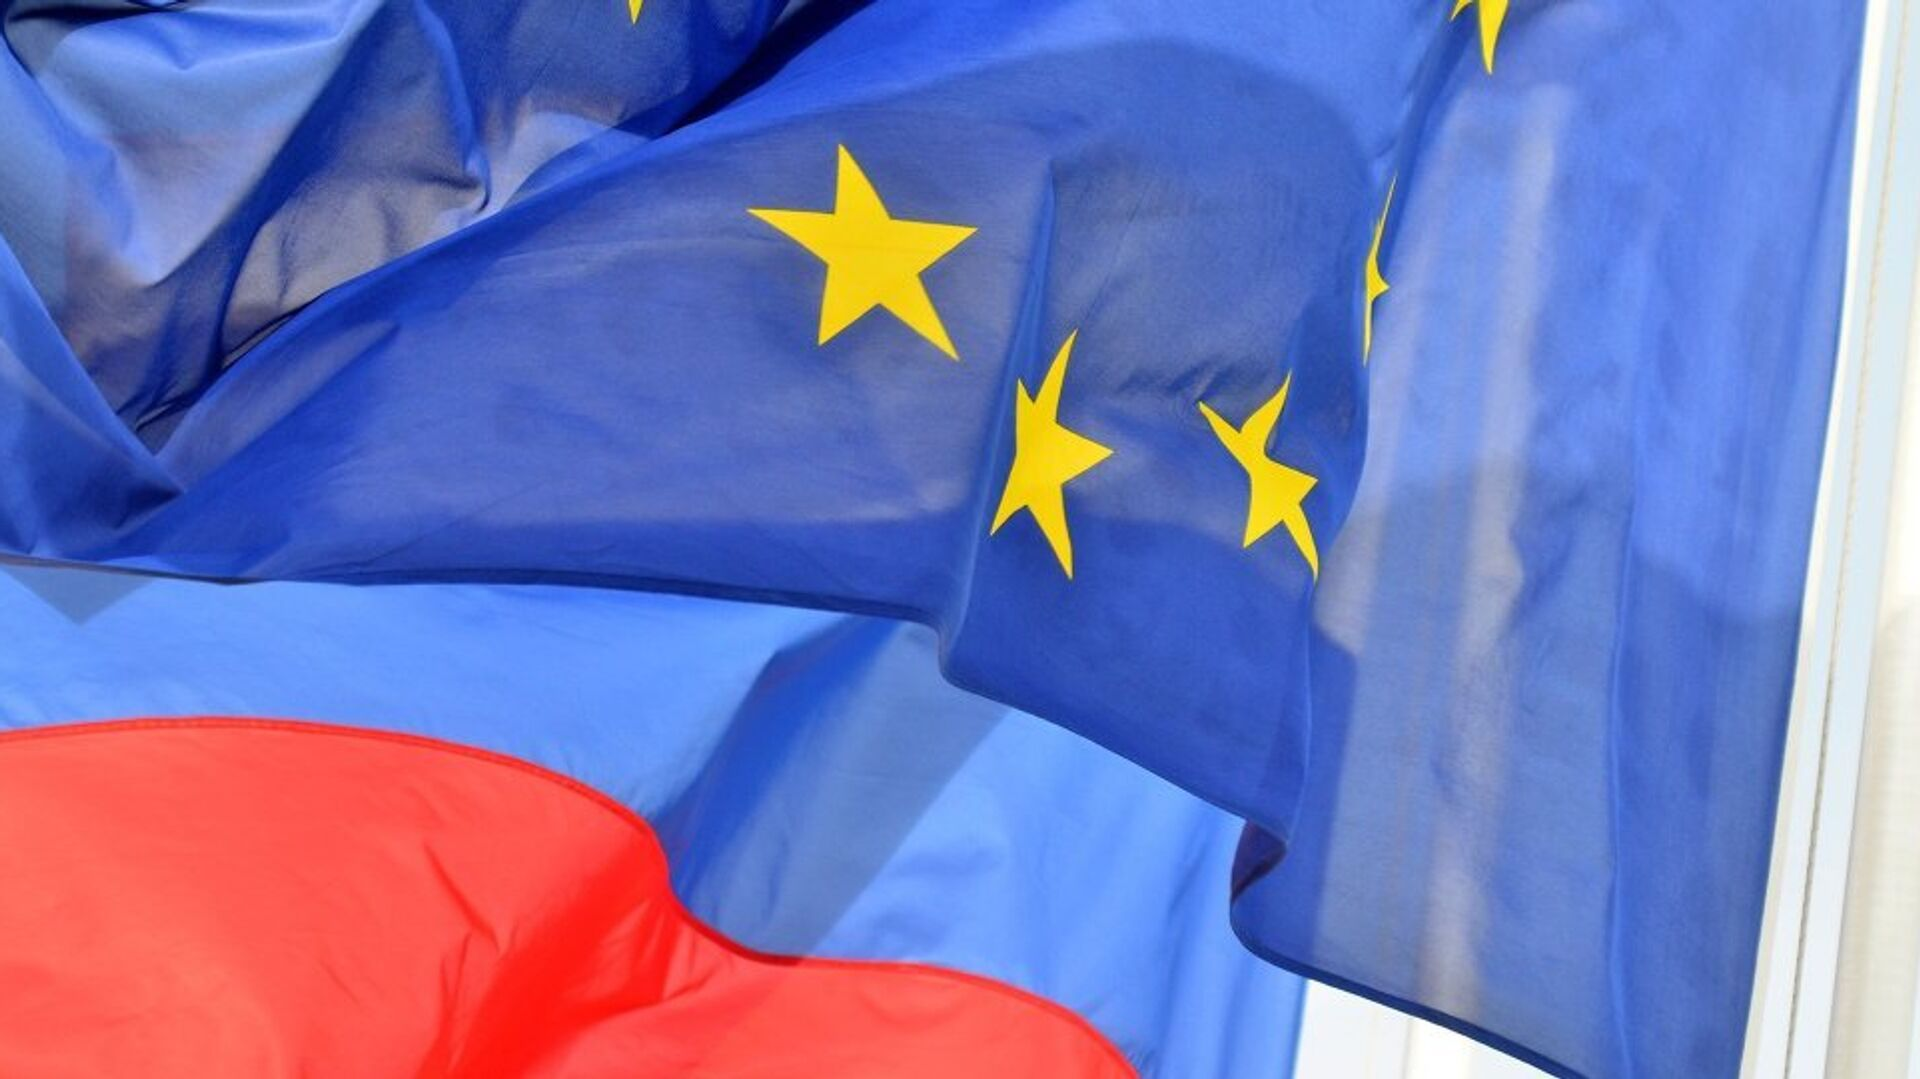 Sankcije EU protiv Rusije - Sputnik Srbija, 1920, 26.09.2021